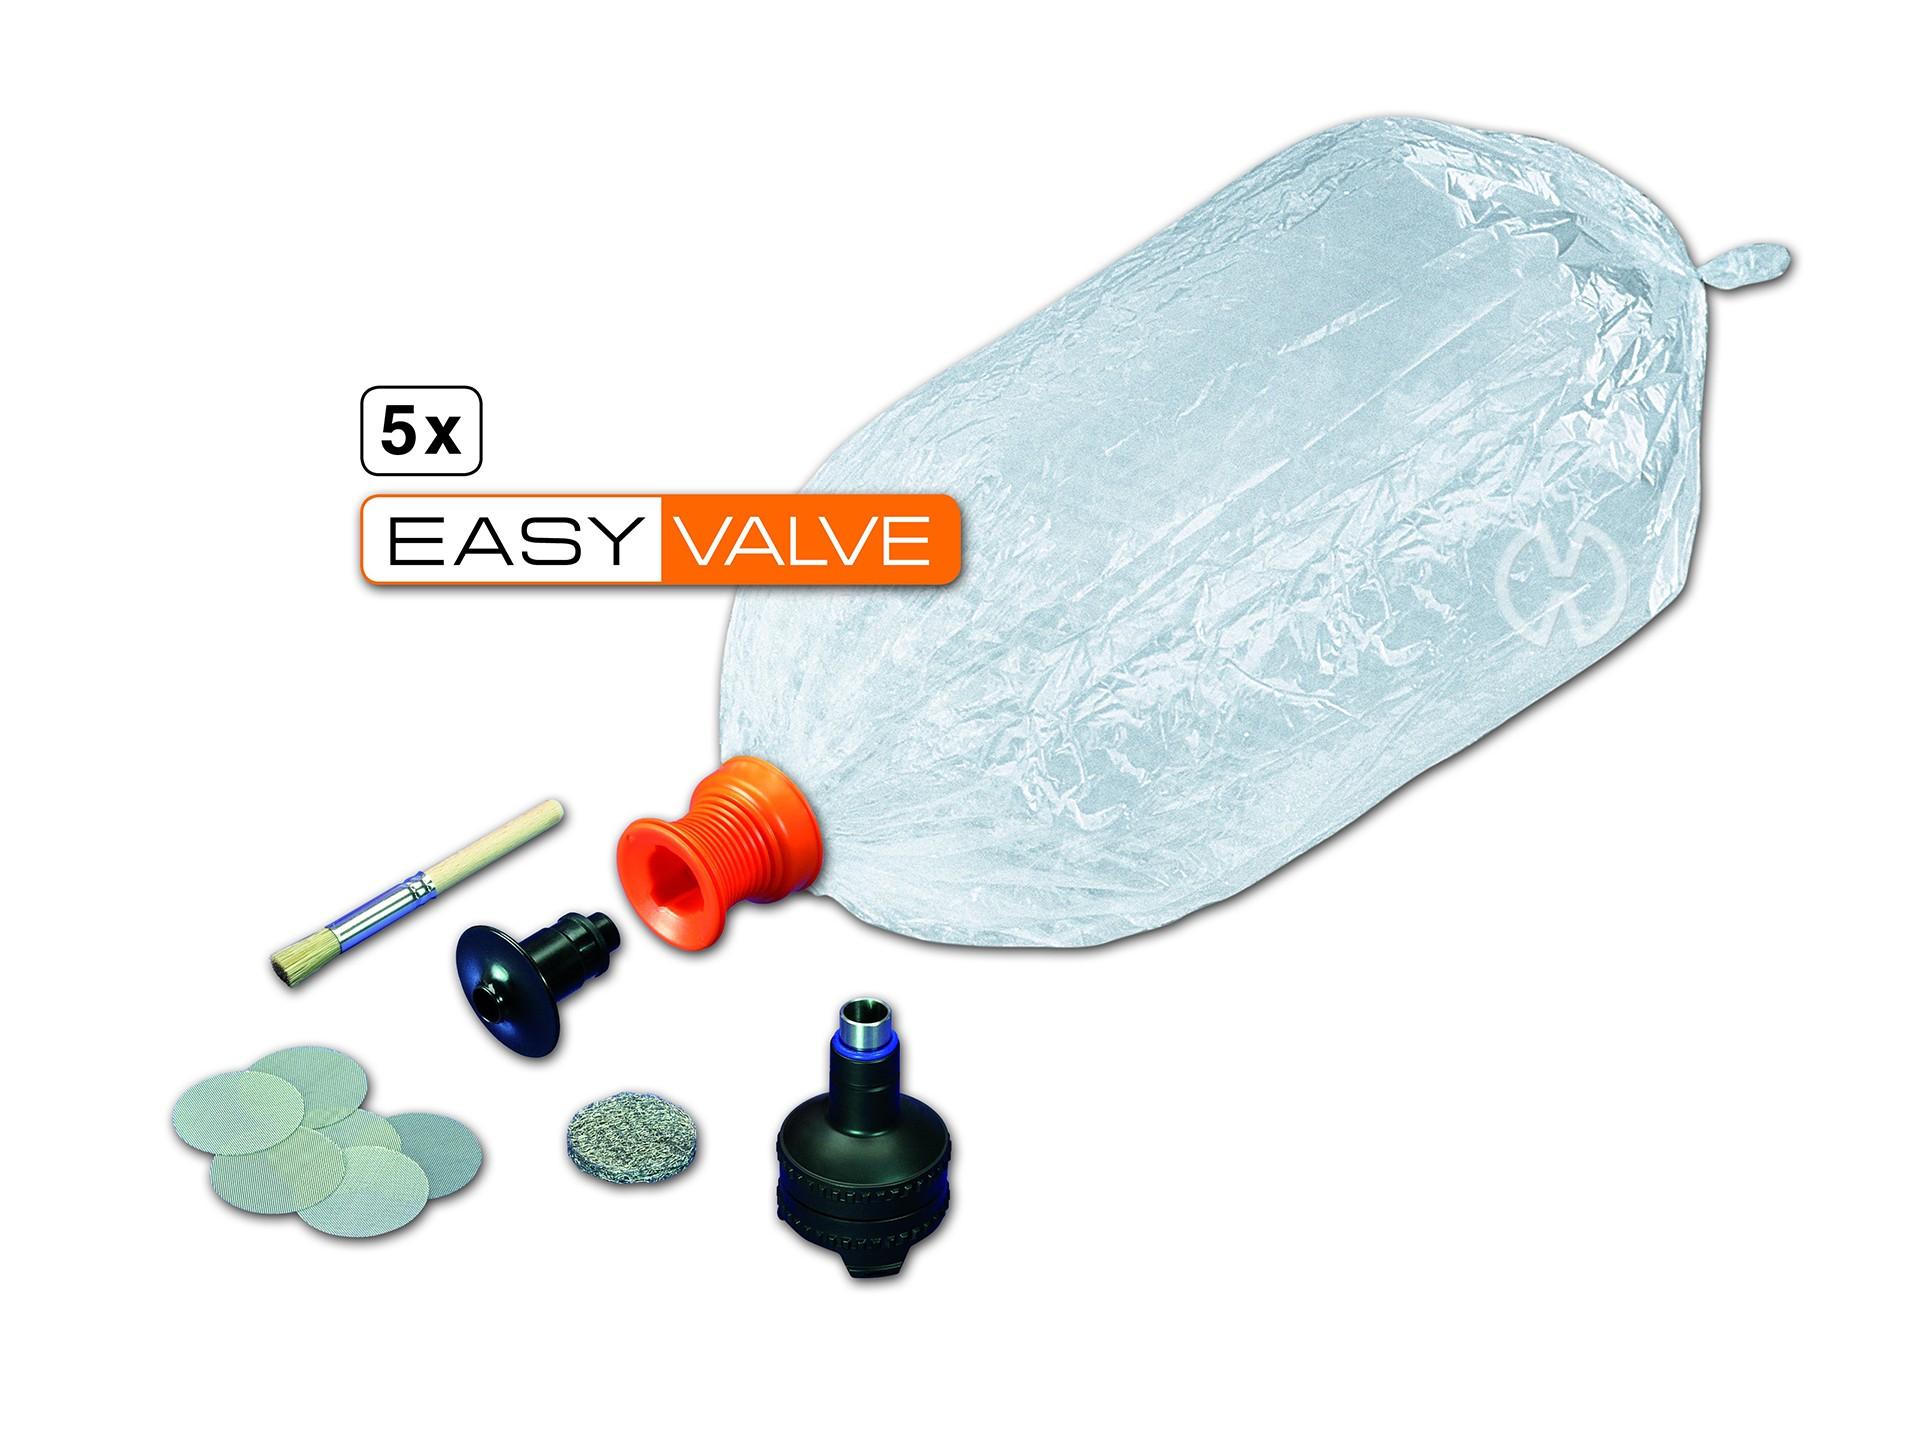 Easy Valve Starter Set